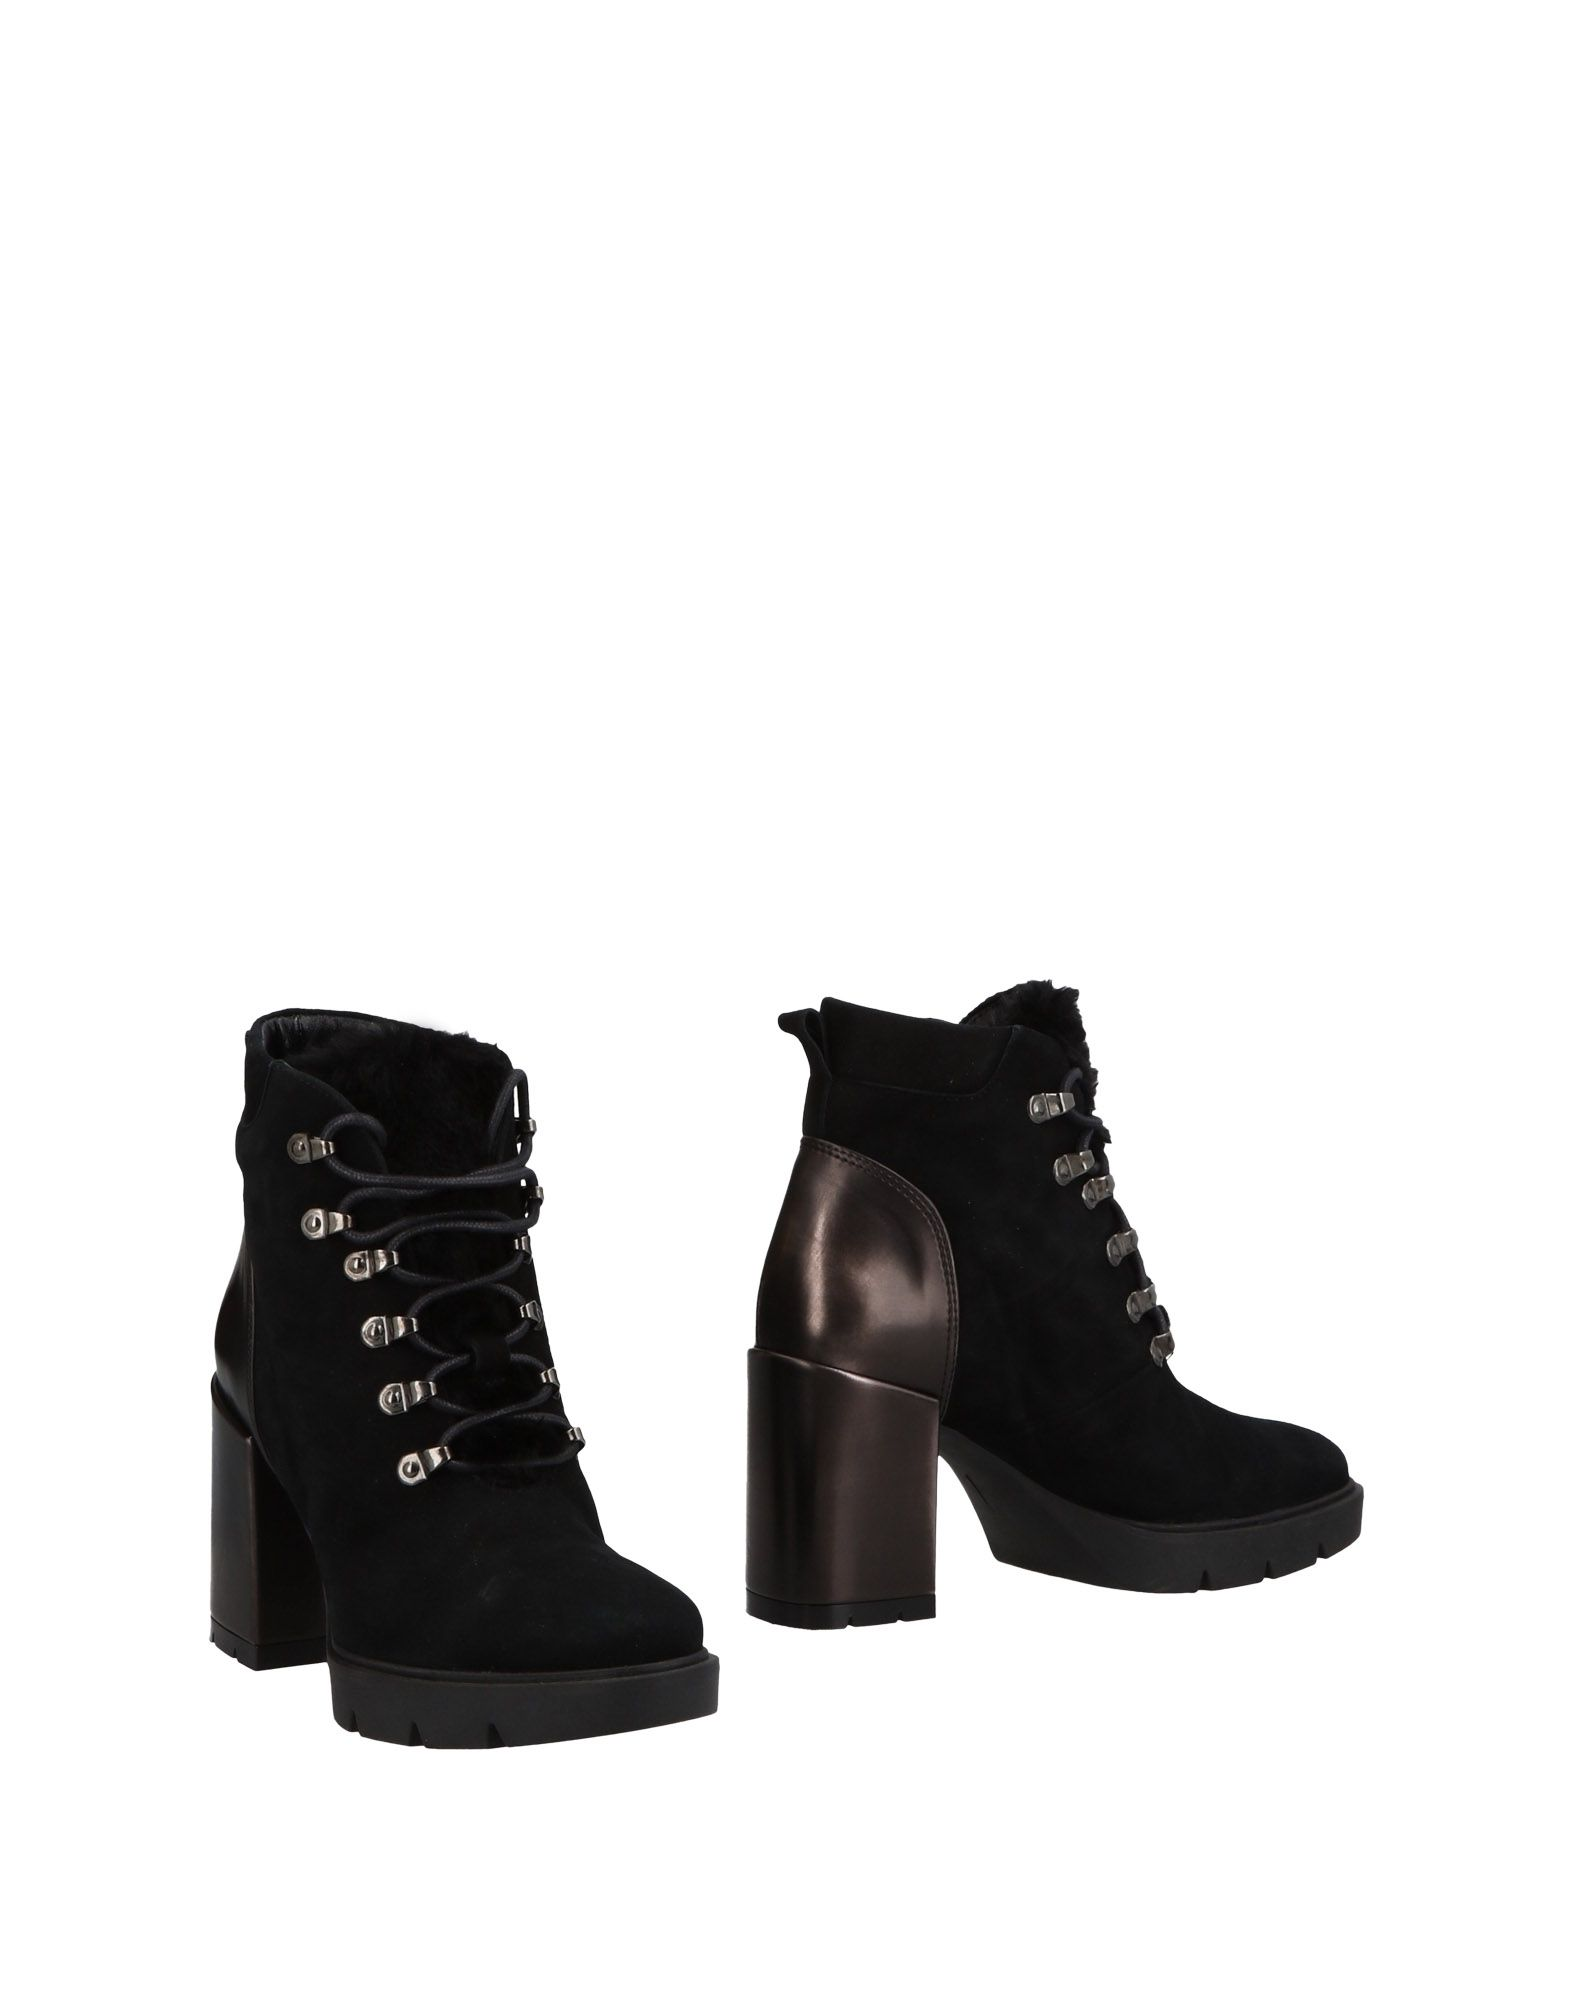 Lorenzo Mari Stiefelette Damen  11494440UR Gute Qualität beliebte Schuhe